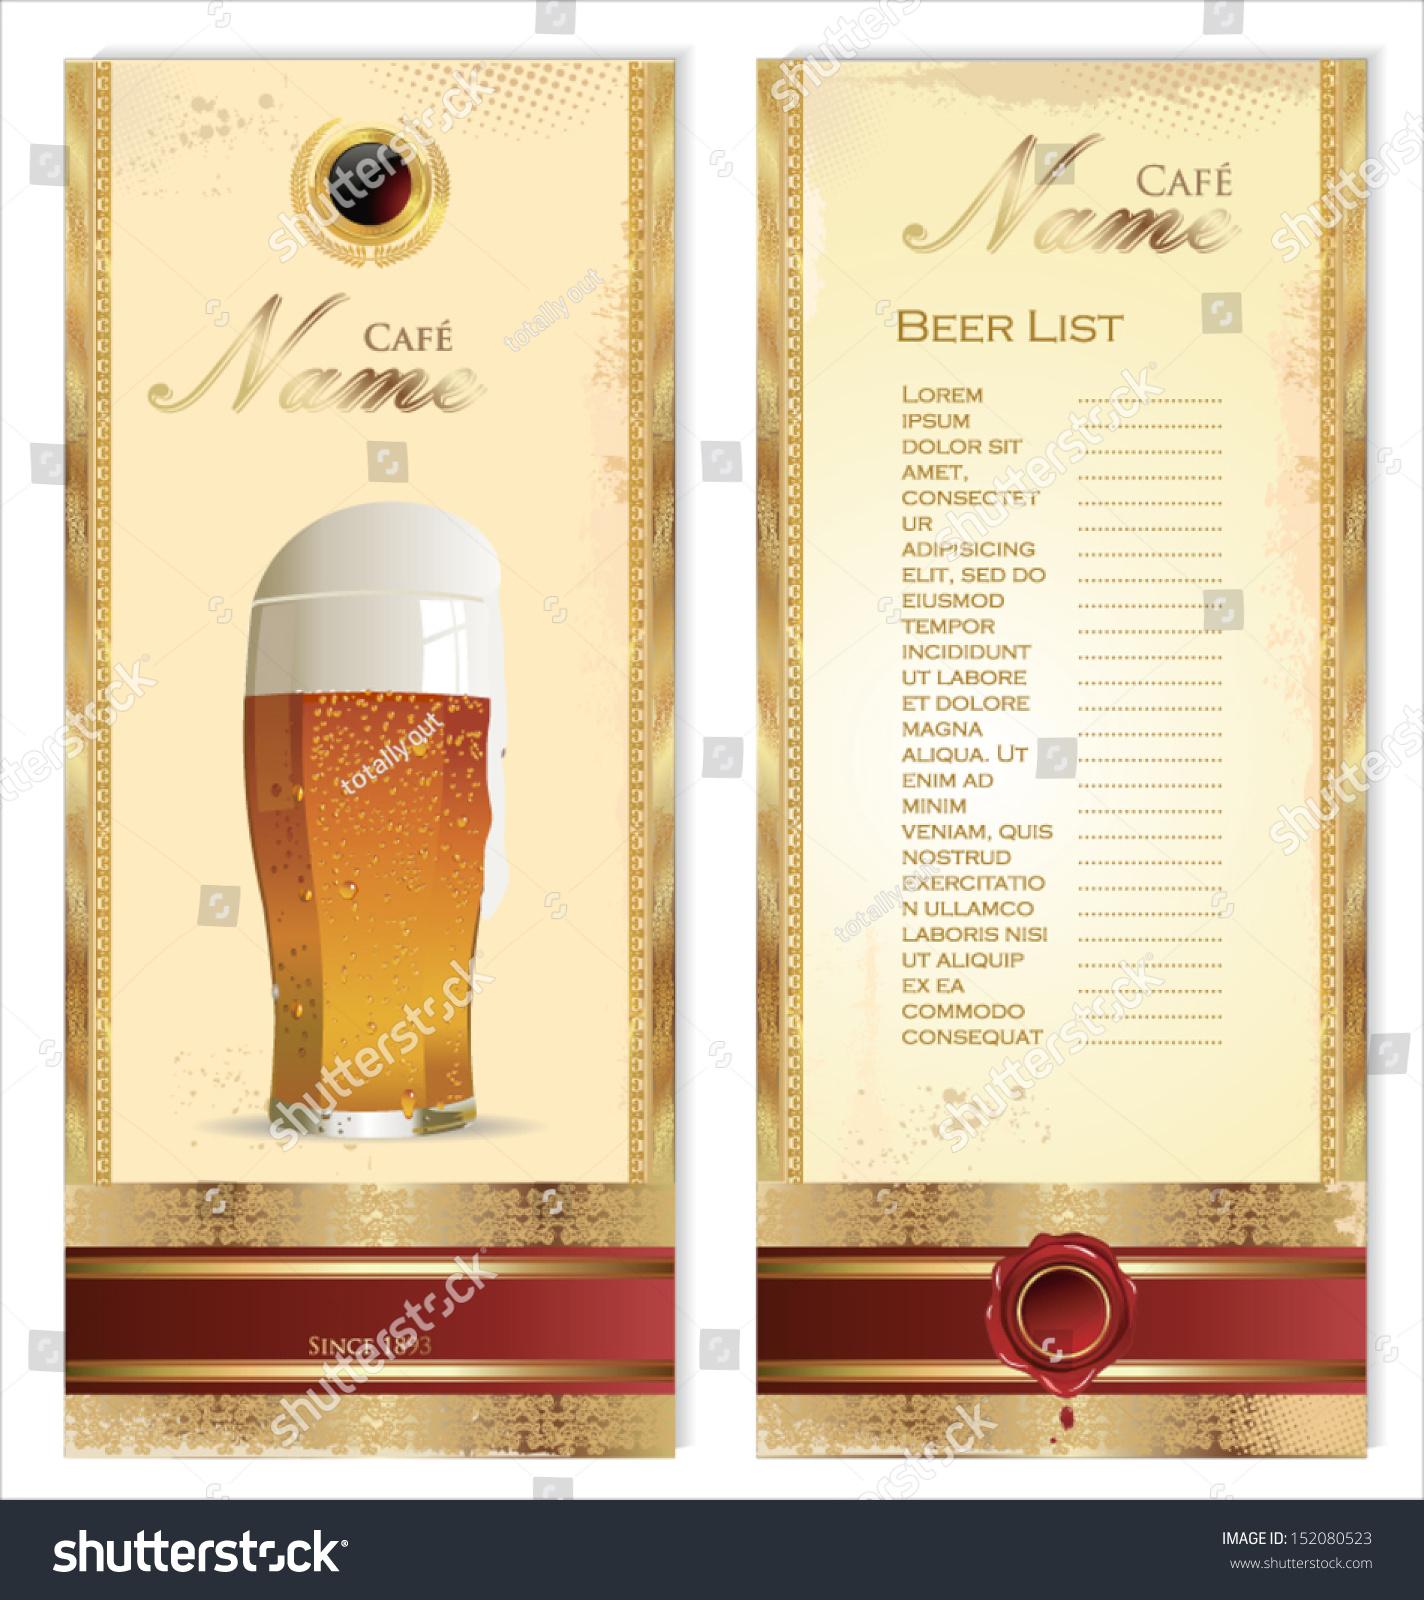 Beer Menu Template Vector 152080523 Shutterstock – Beer Menu